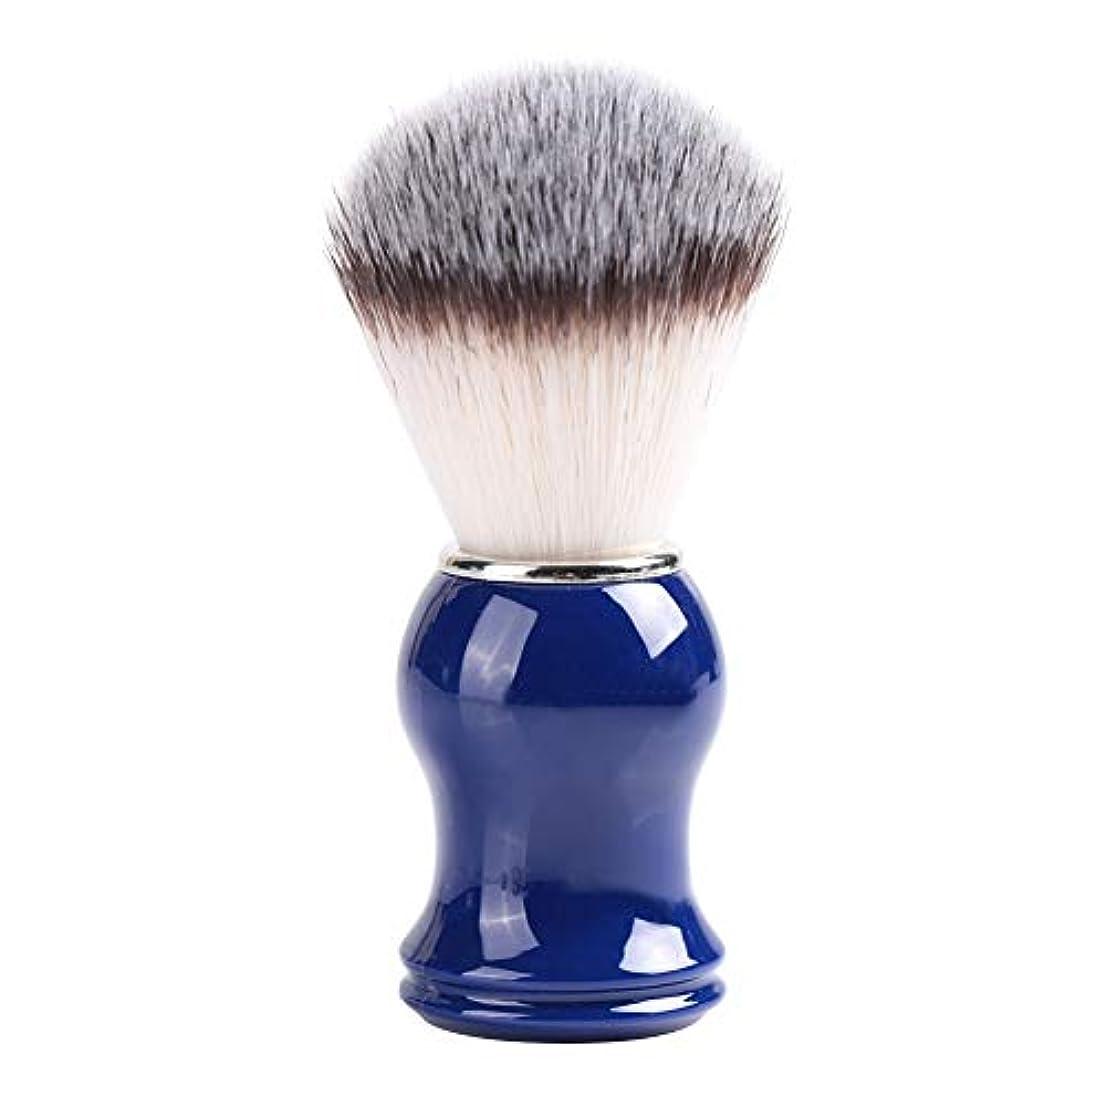 調整する没頭する地上のNitrip シェービングブラシ ひげブラシ ひげケア 理容 洗顔 髭剃り 泡立ち 男性用 2色(剛毛+青)